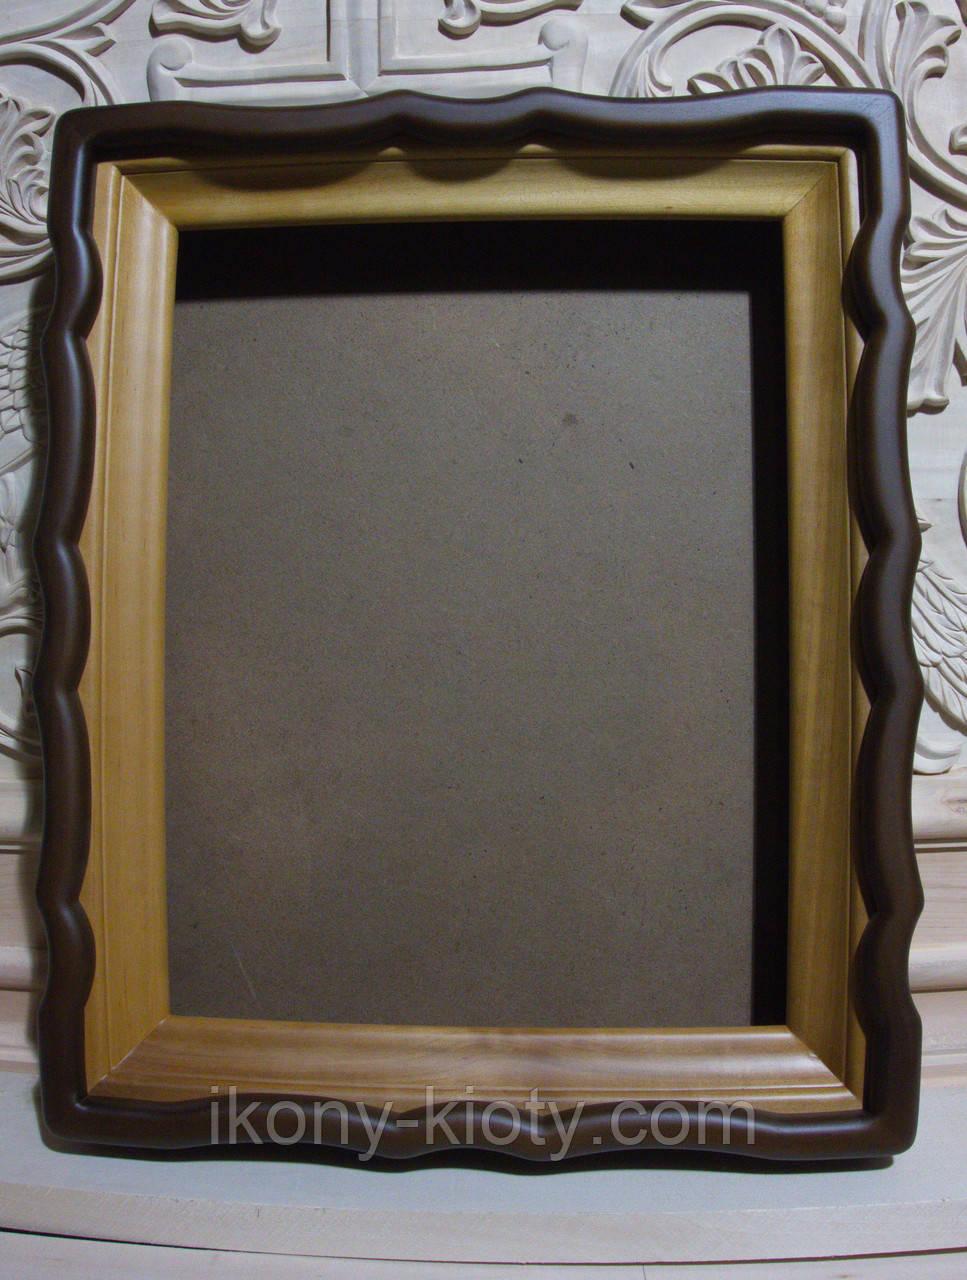 Киот для иконы фигурный с внутренней деревянной рамой.